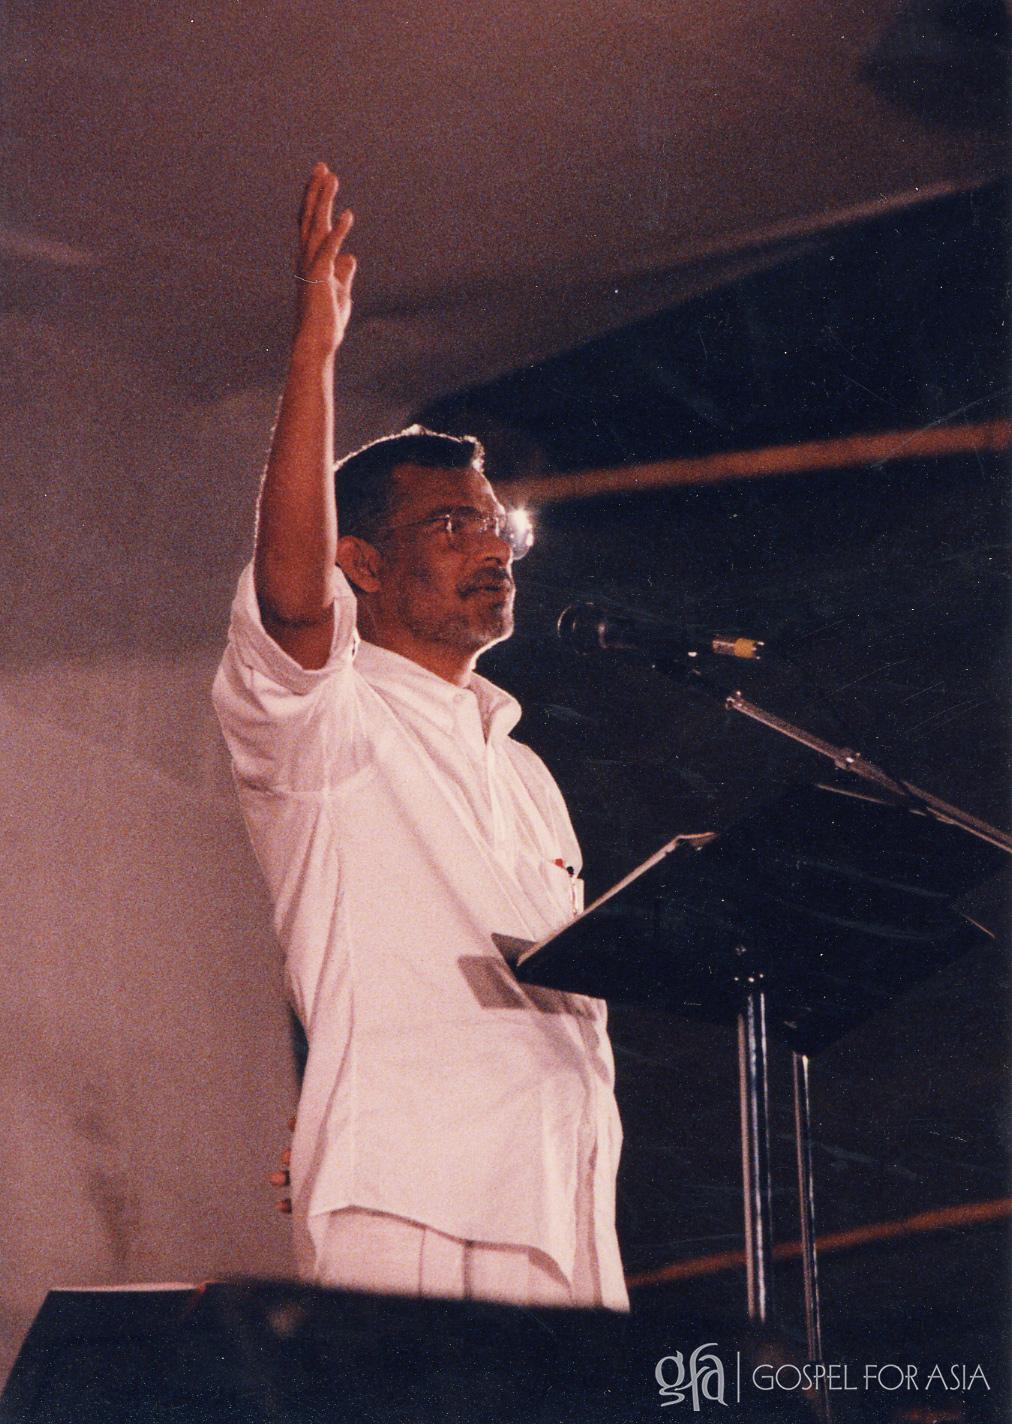 KP Yohannan at a radio rally